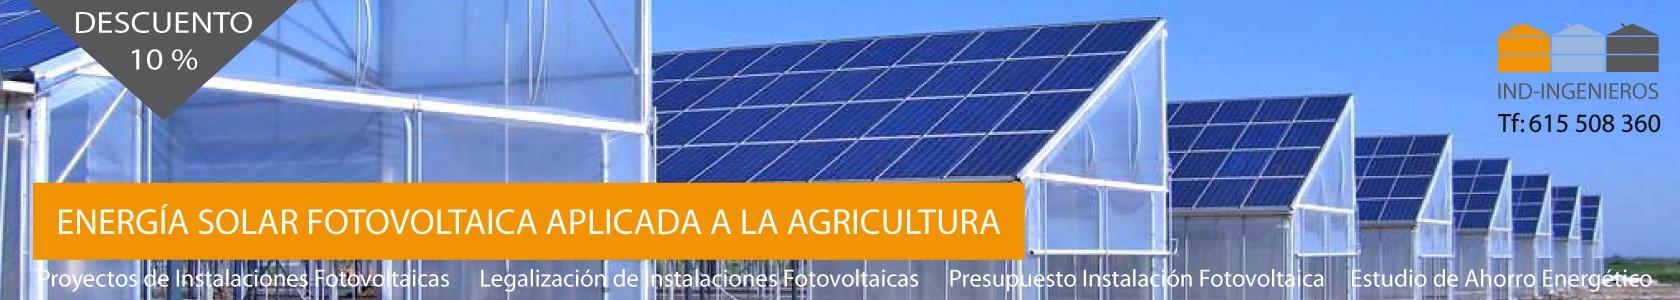 APLICACIONES A LA AGRICULTURA ENERGÍA SOLAR